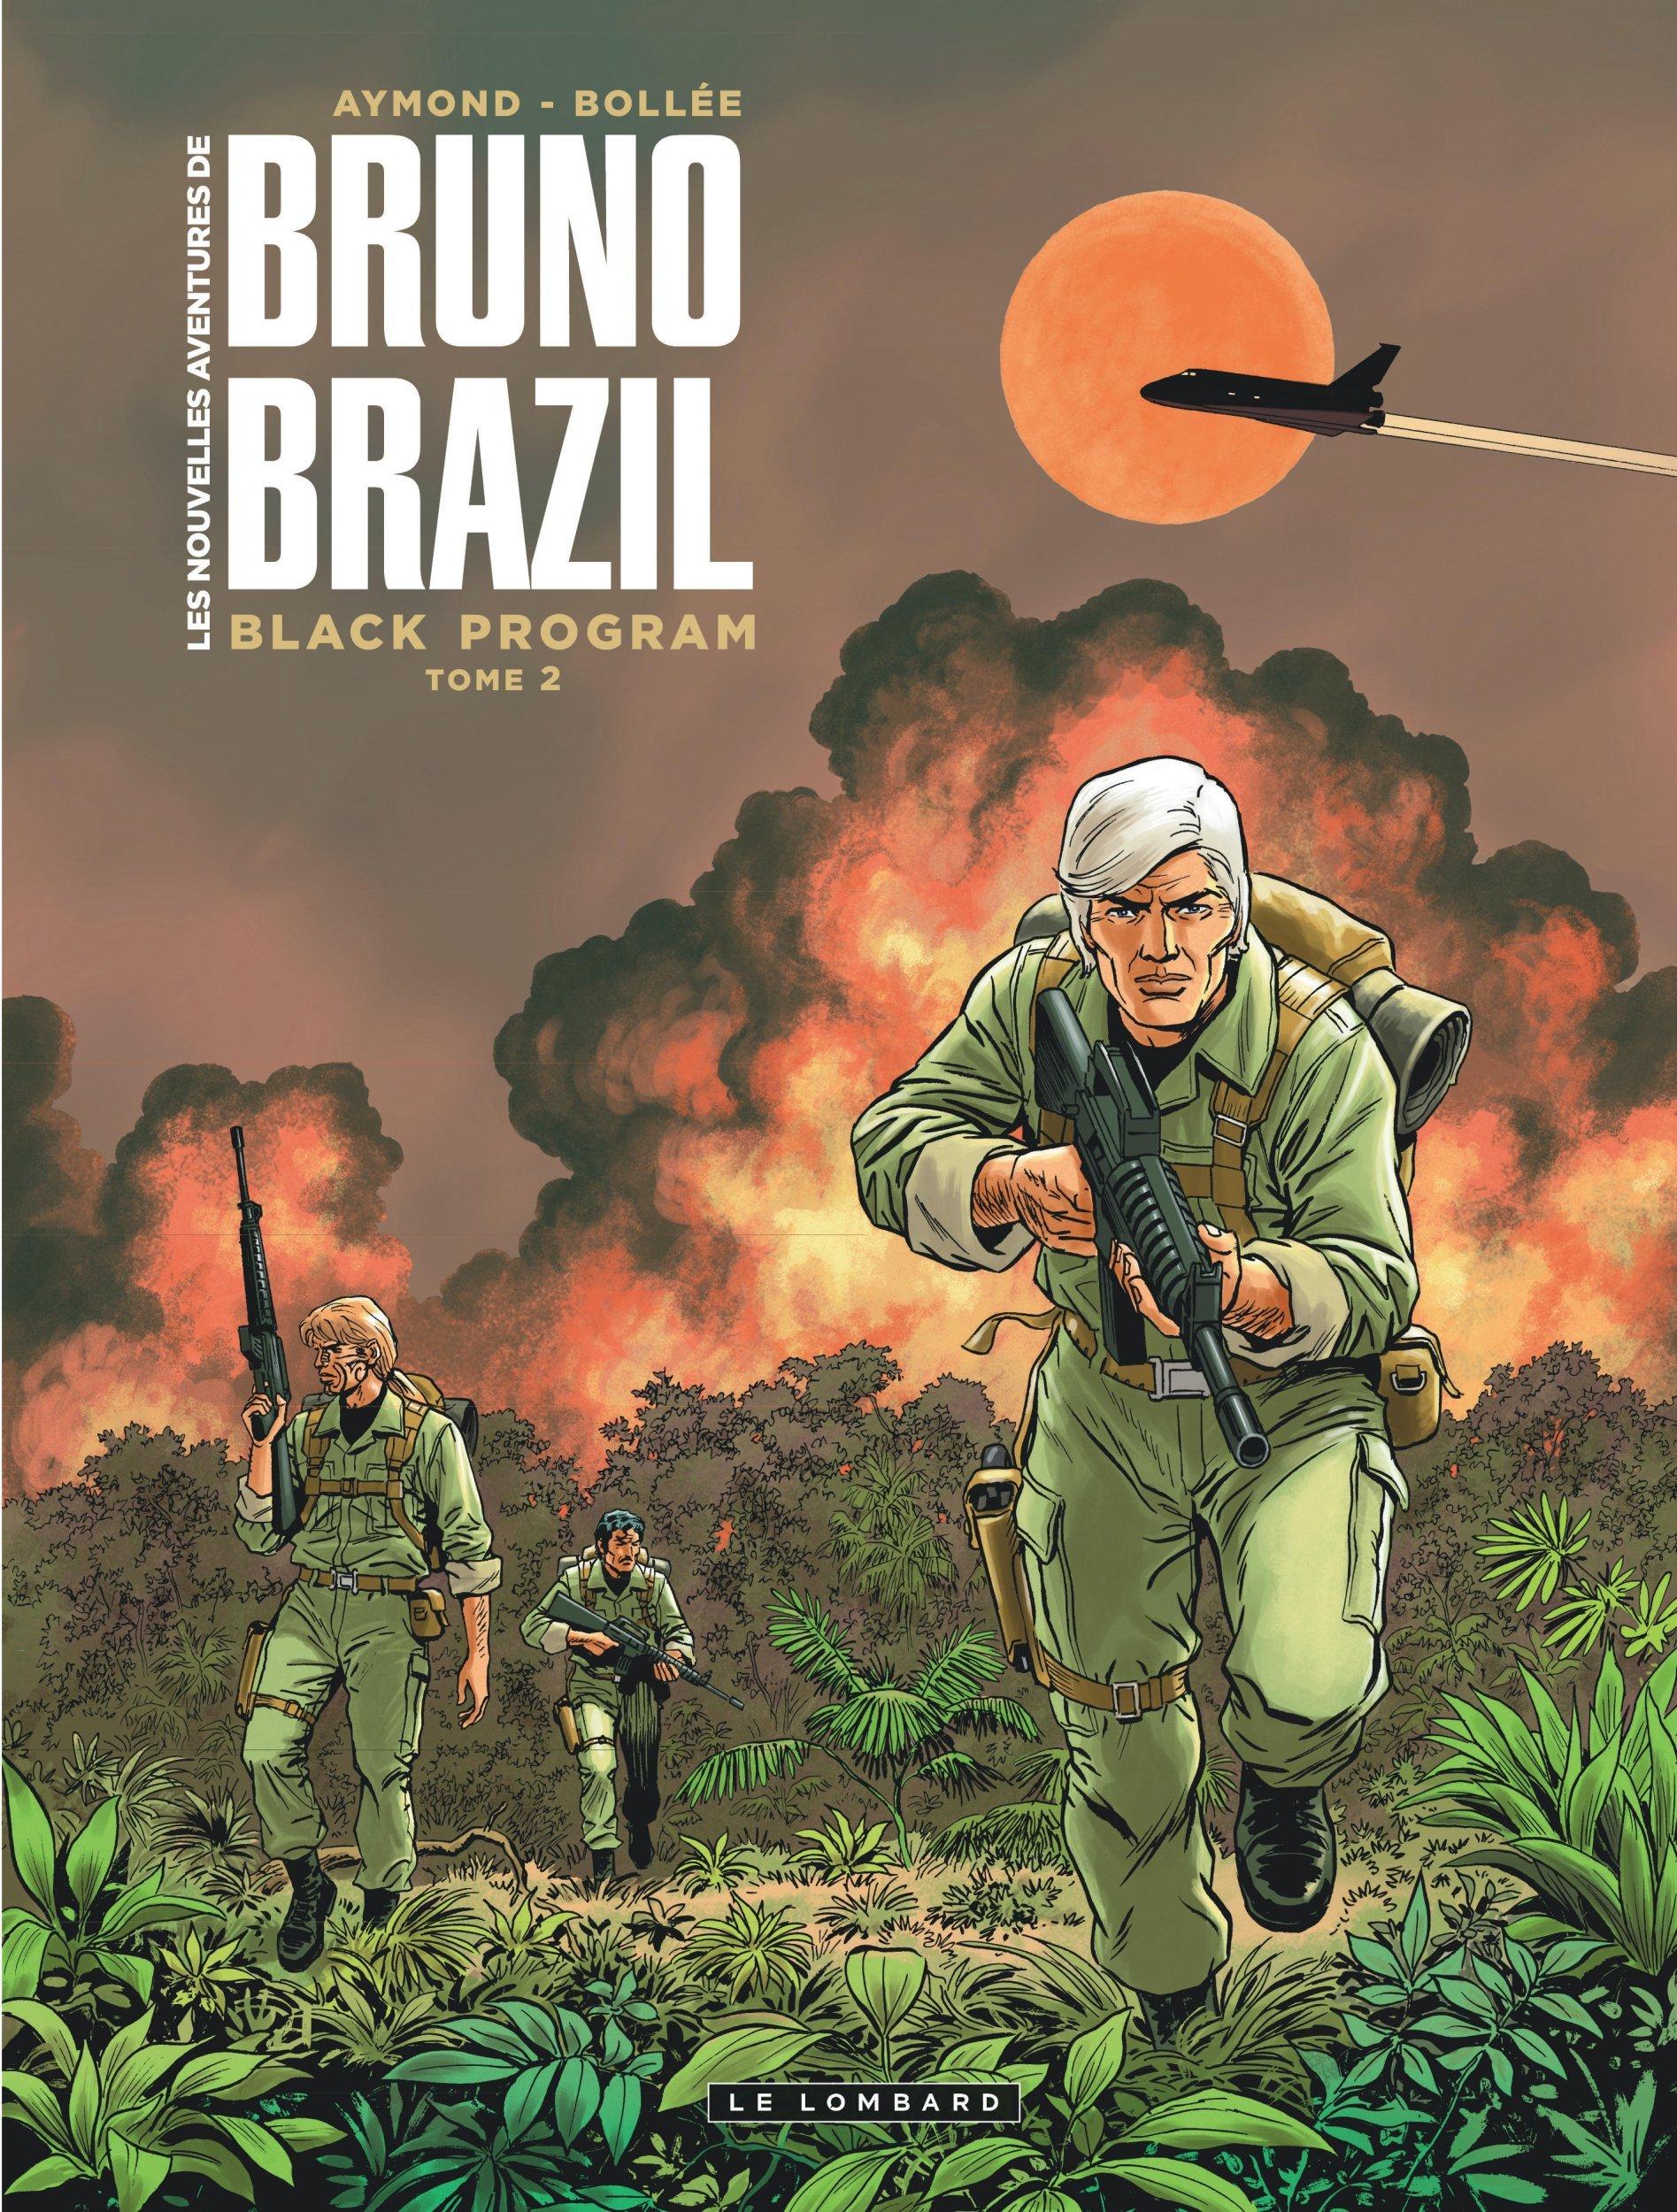 LES NOUVELLES AVENTURES DE BRUNO BRAZIL - TOME 2 - BLACK PROGRAM 2